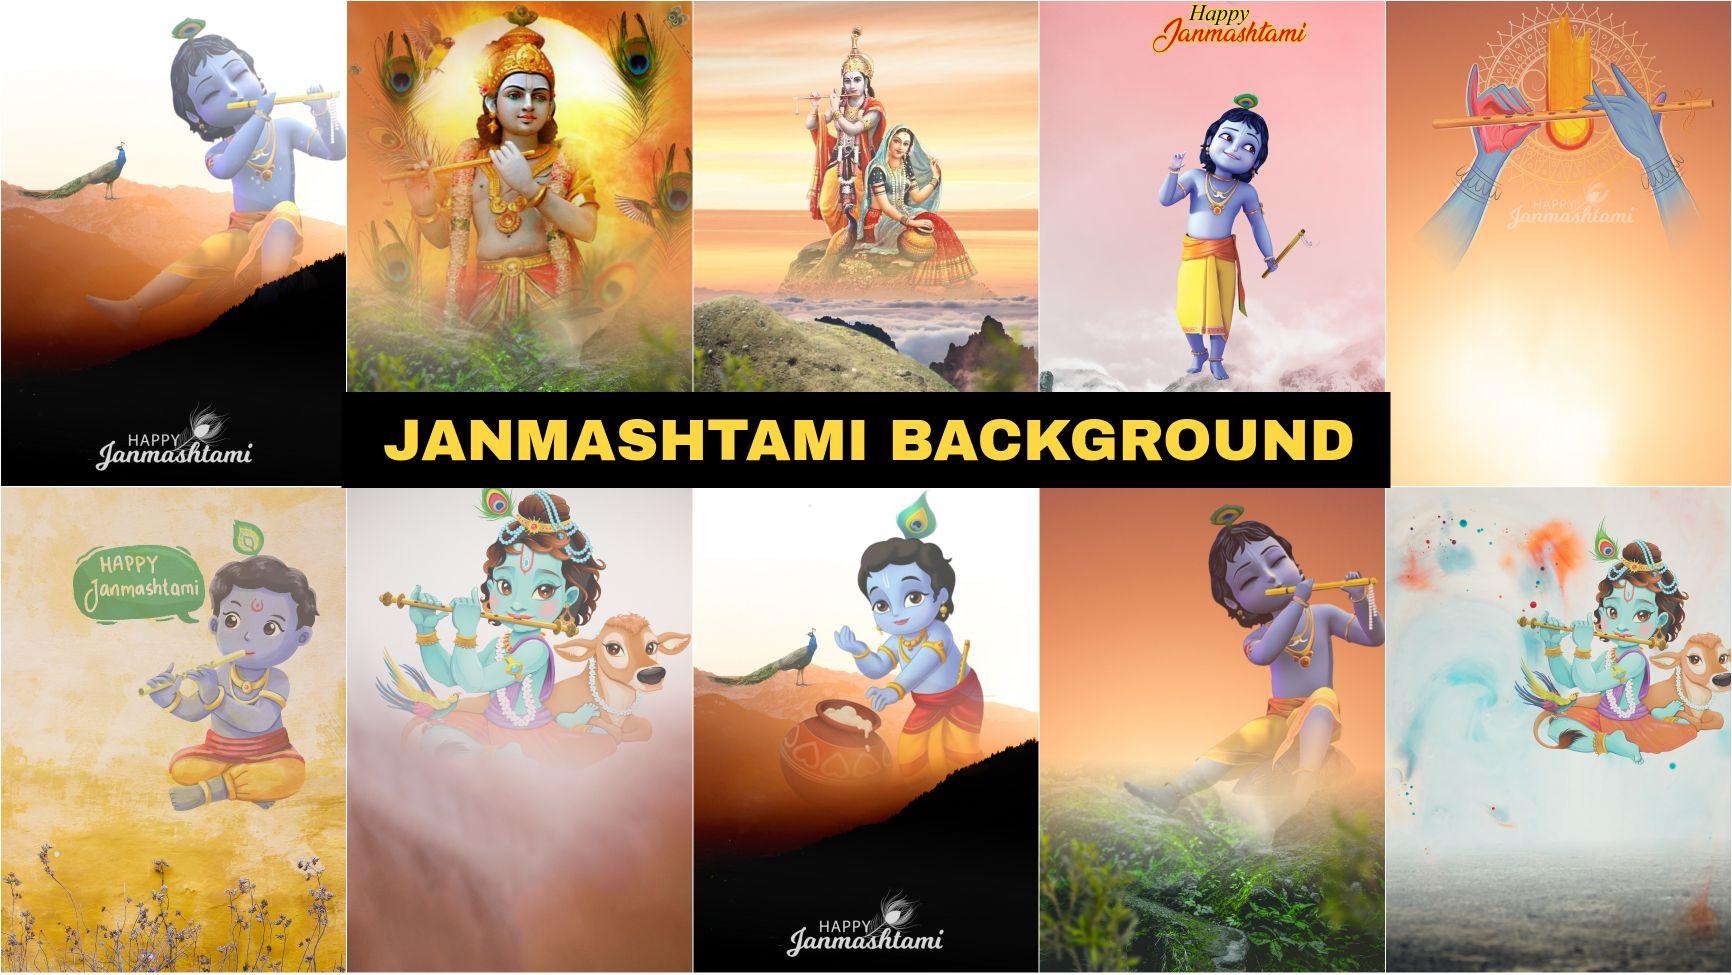 Janmashtami background